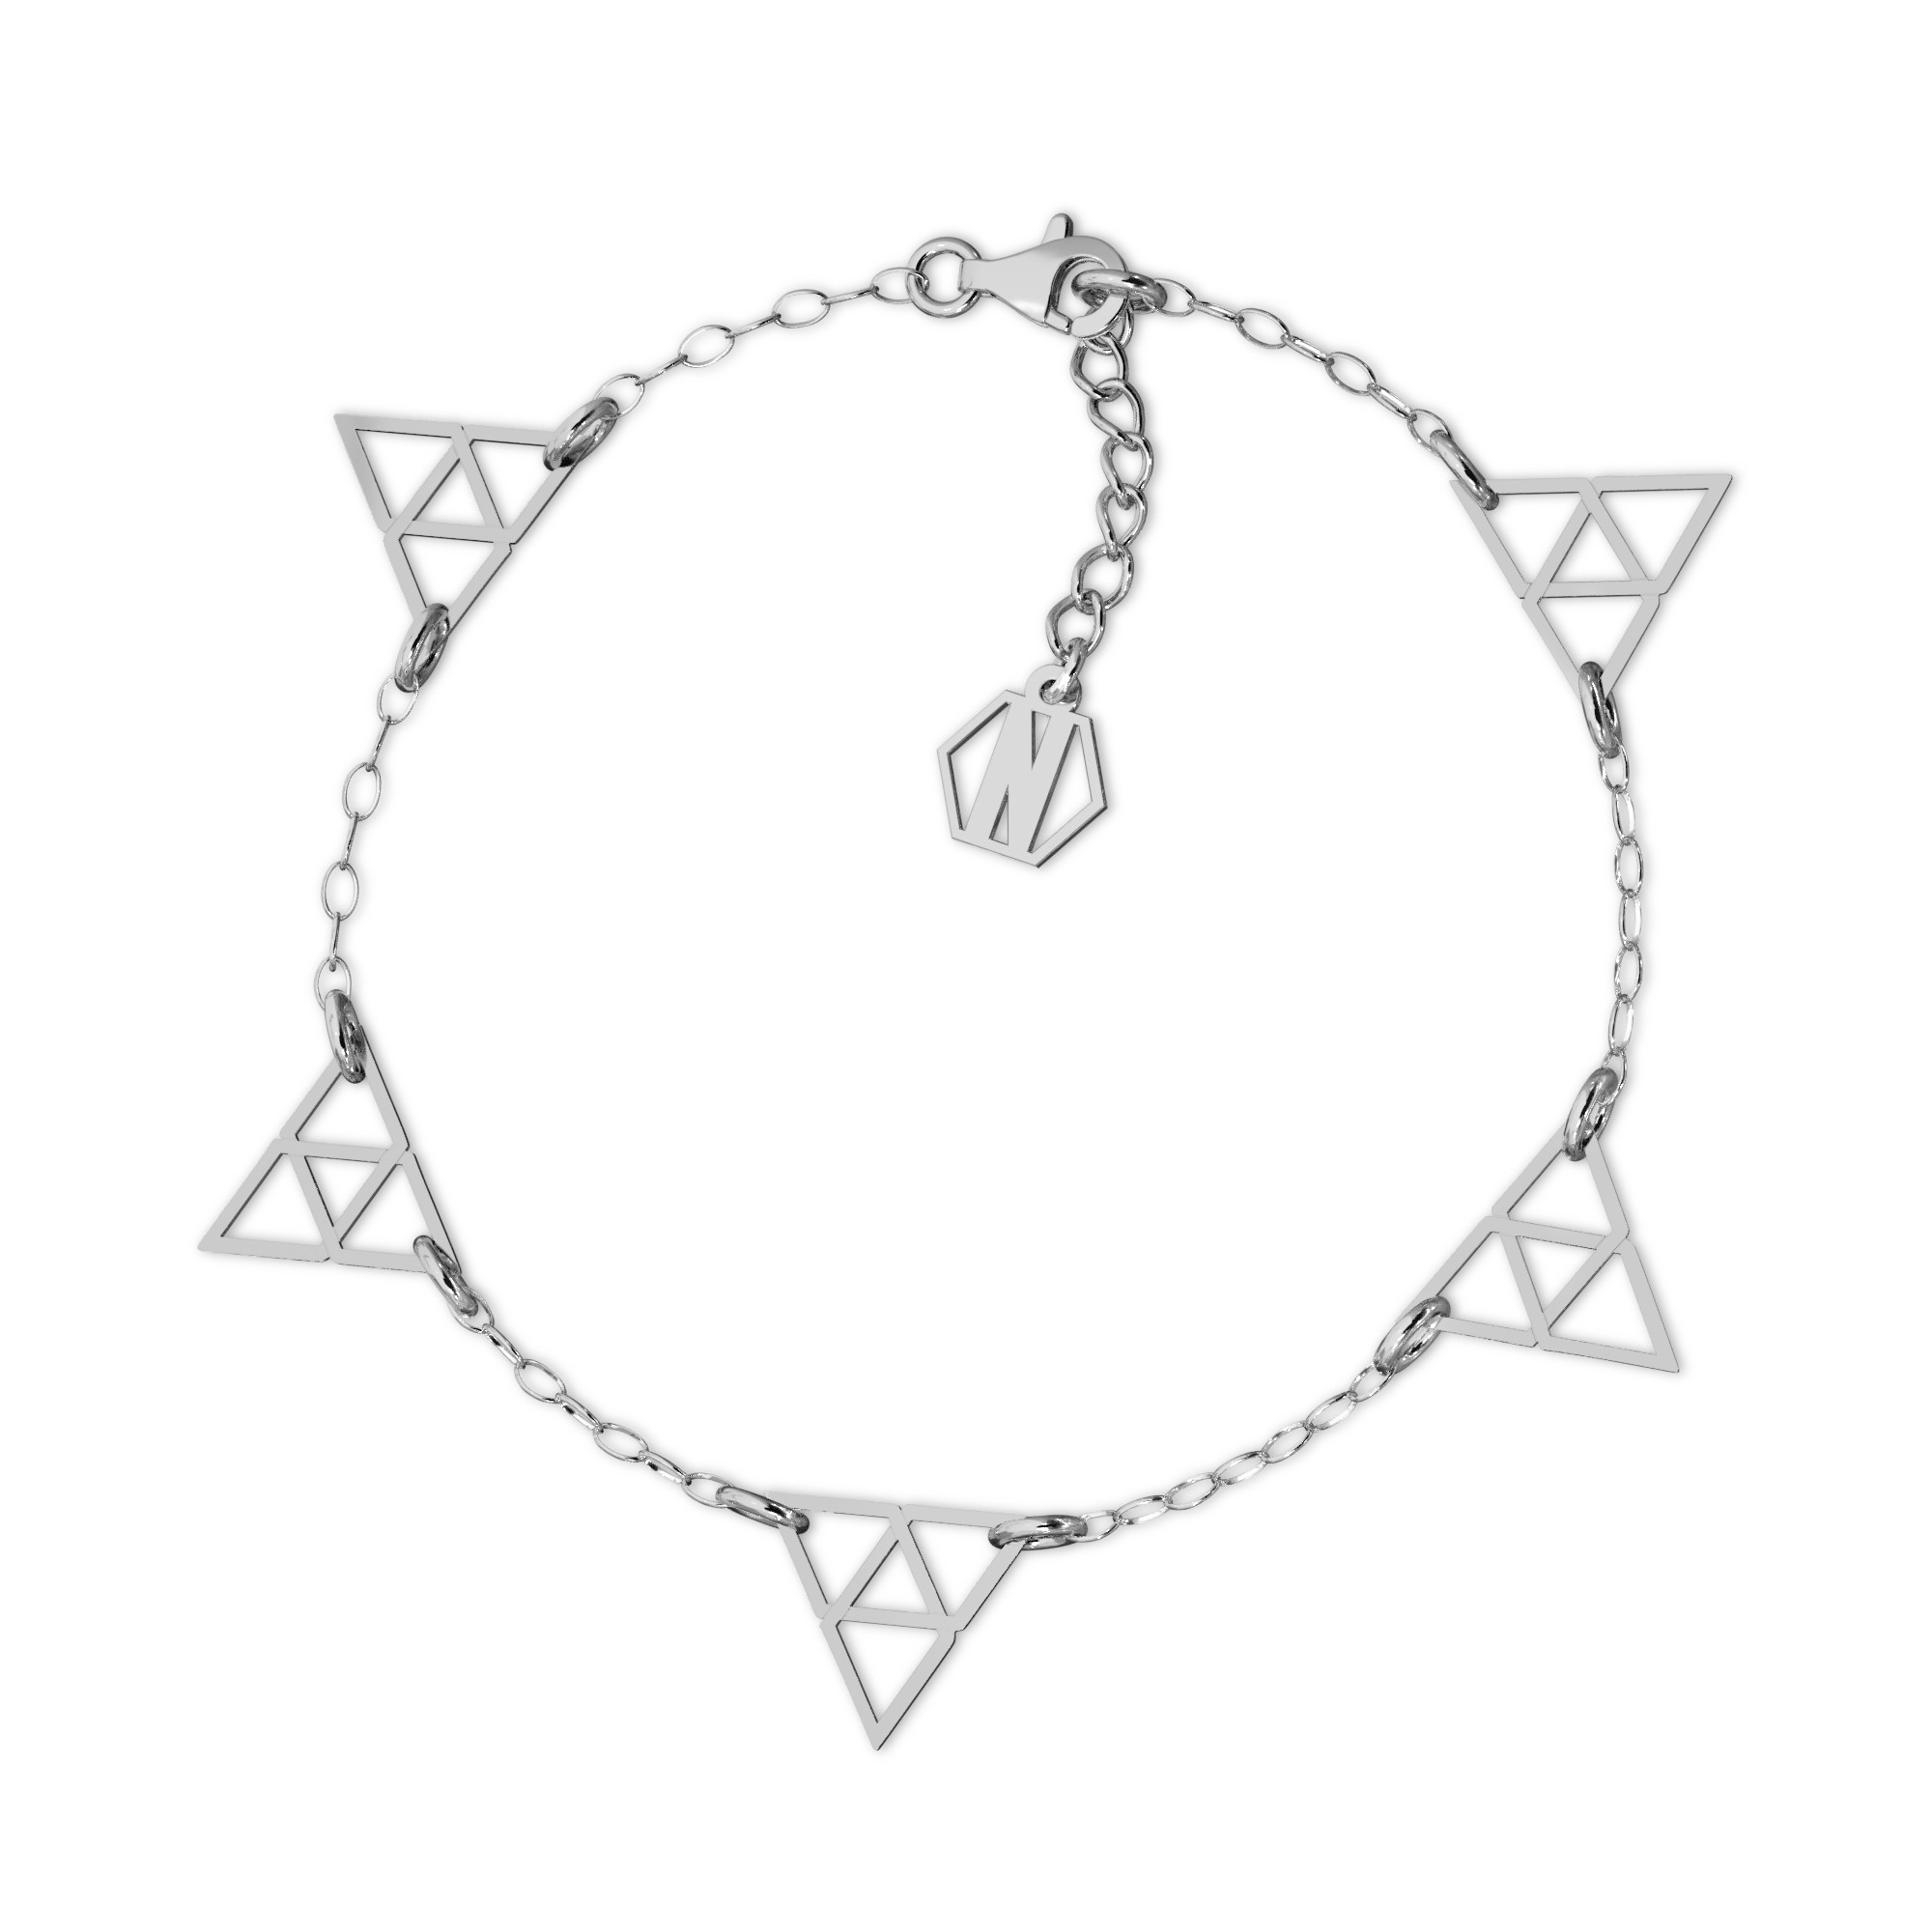 Srebrna bransoletka trójkąty srebro 925, Nikki Lund